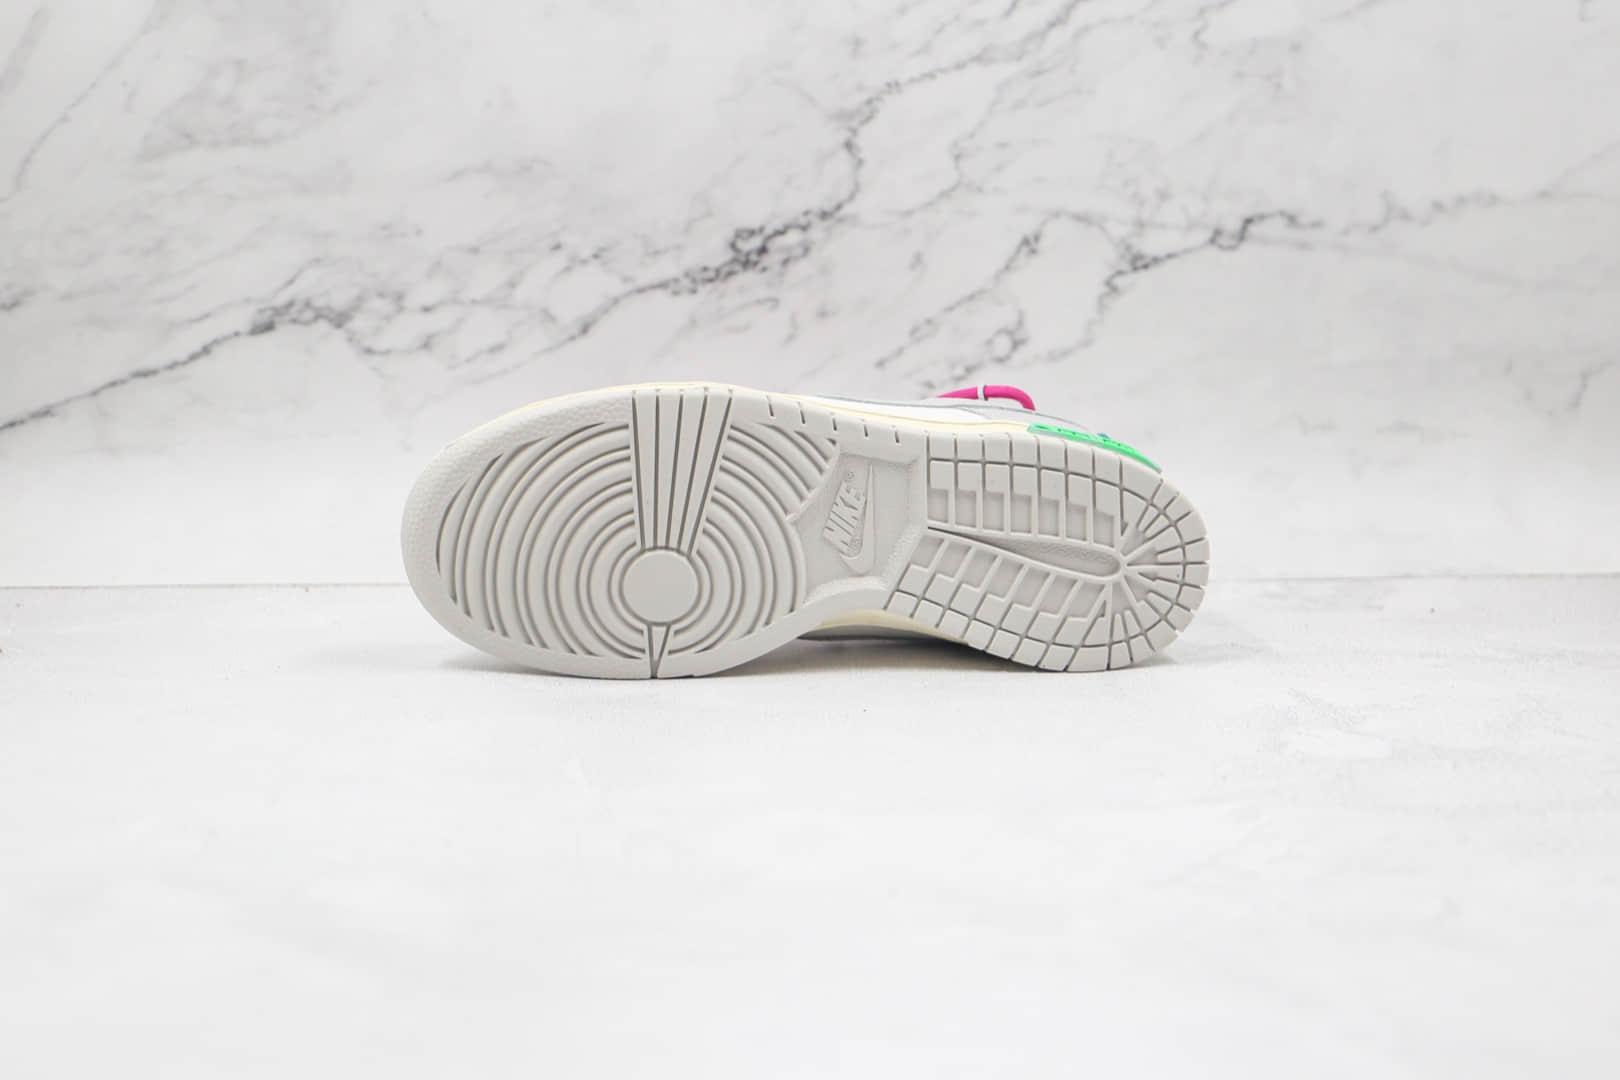 耐克Nike Dunk Low x OFF-WHITE x Futura三方联名款纯原版本低帮SB DUNK灰白紫色板鞋原盒原标 货号:DM1602-106